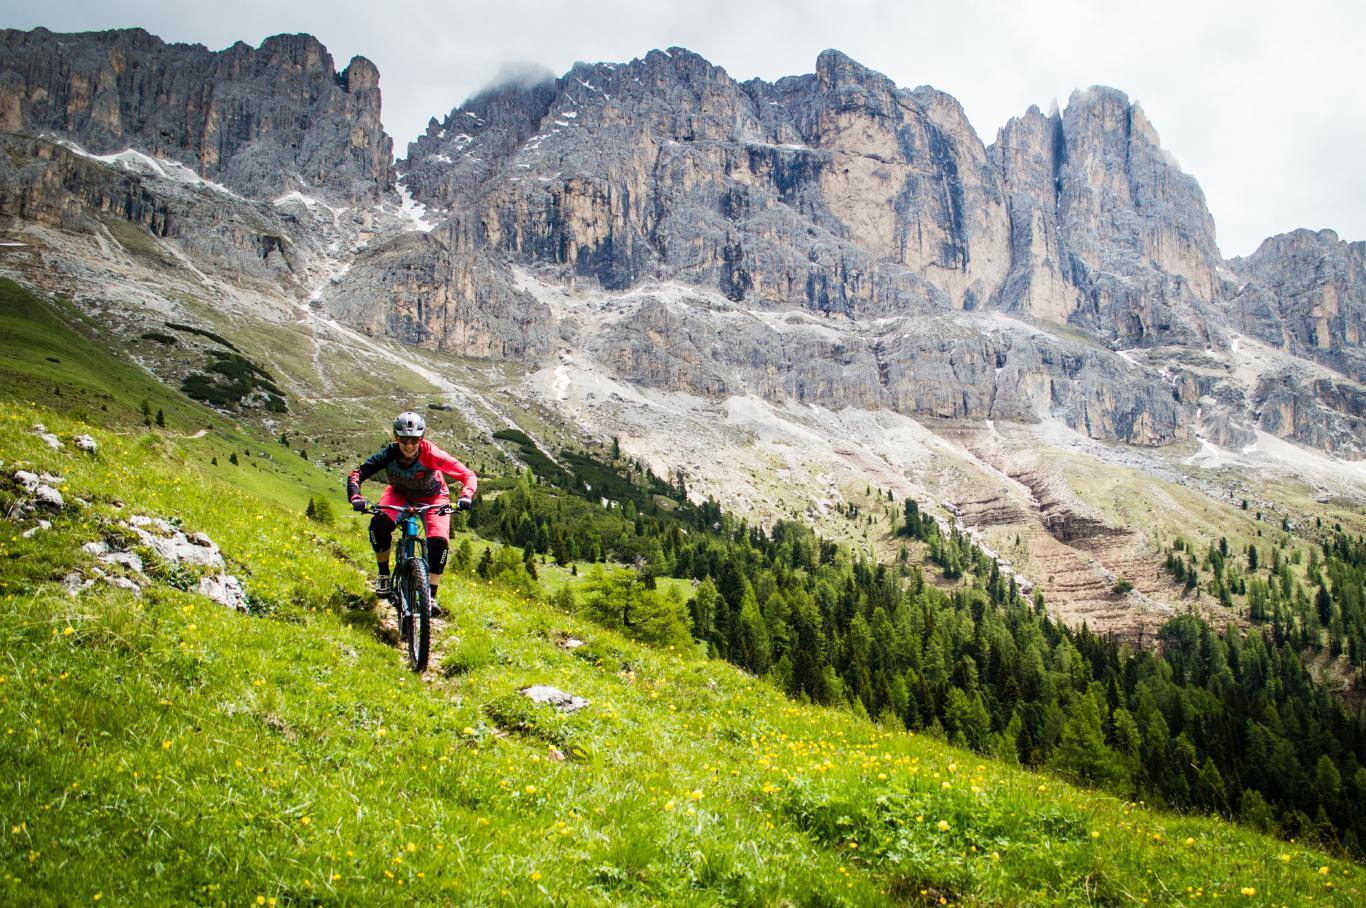 Was macht einen guten Trail aus? Ist es der Trail allein, der den Ausschlag gibt, oder spielt die Umgebung, das Panorama und das Land auch einen entscheidende Rolle? In diesem Fall ist es definitiv der Mix aus Trail und Dolomitenpanorama.